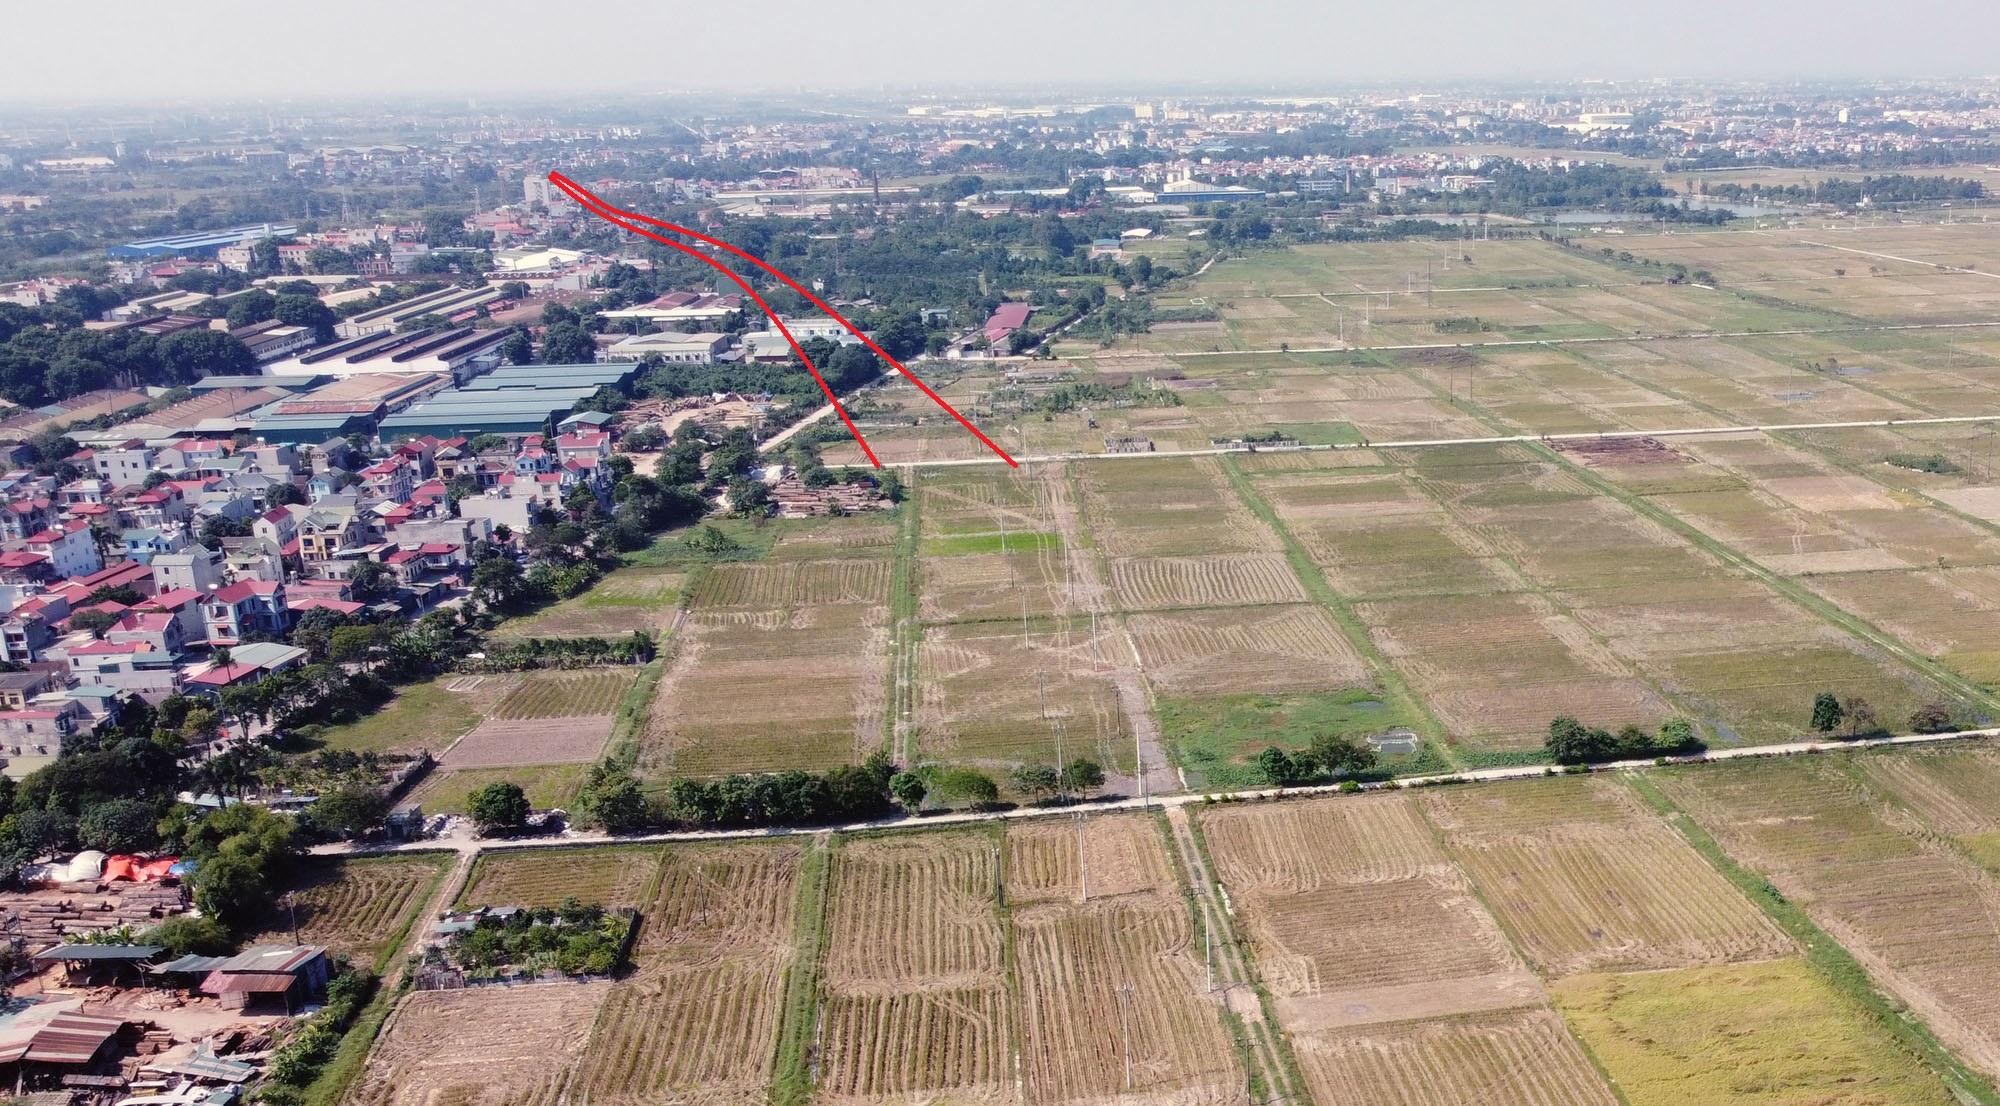 đường sẽ mở theo qui hoạch ở xã Uy Nỗ, Đông Anh, Hà Nội - Ảnh 5.